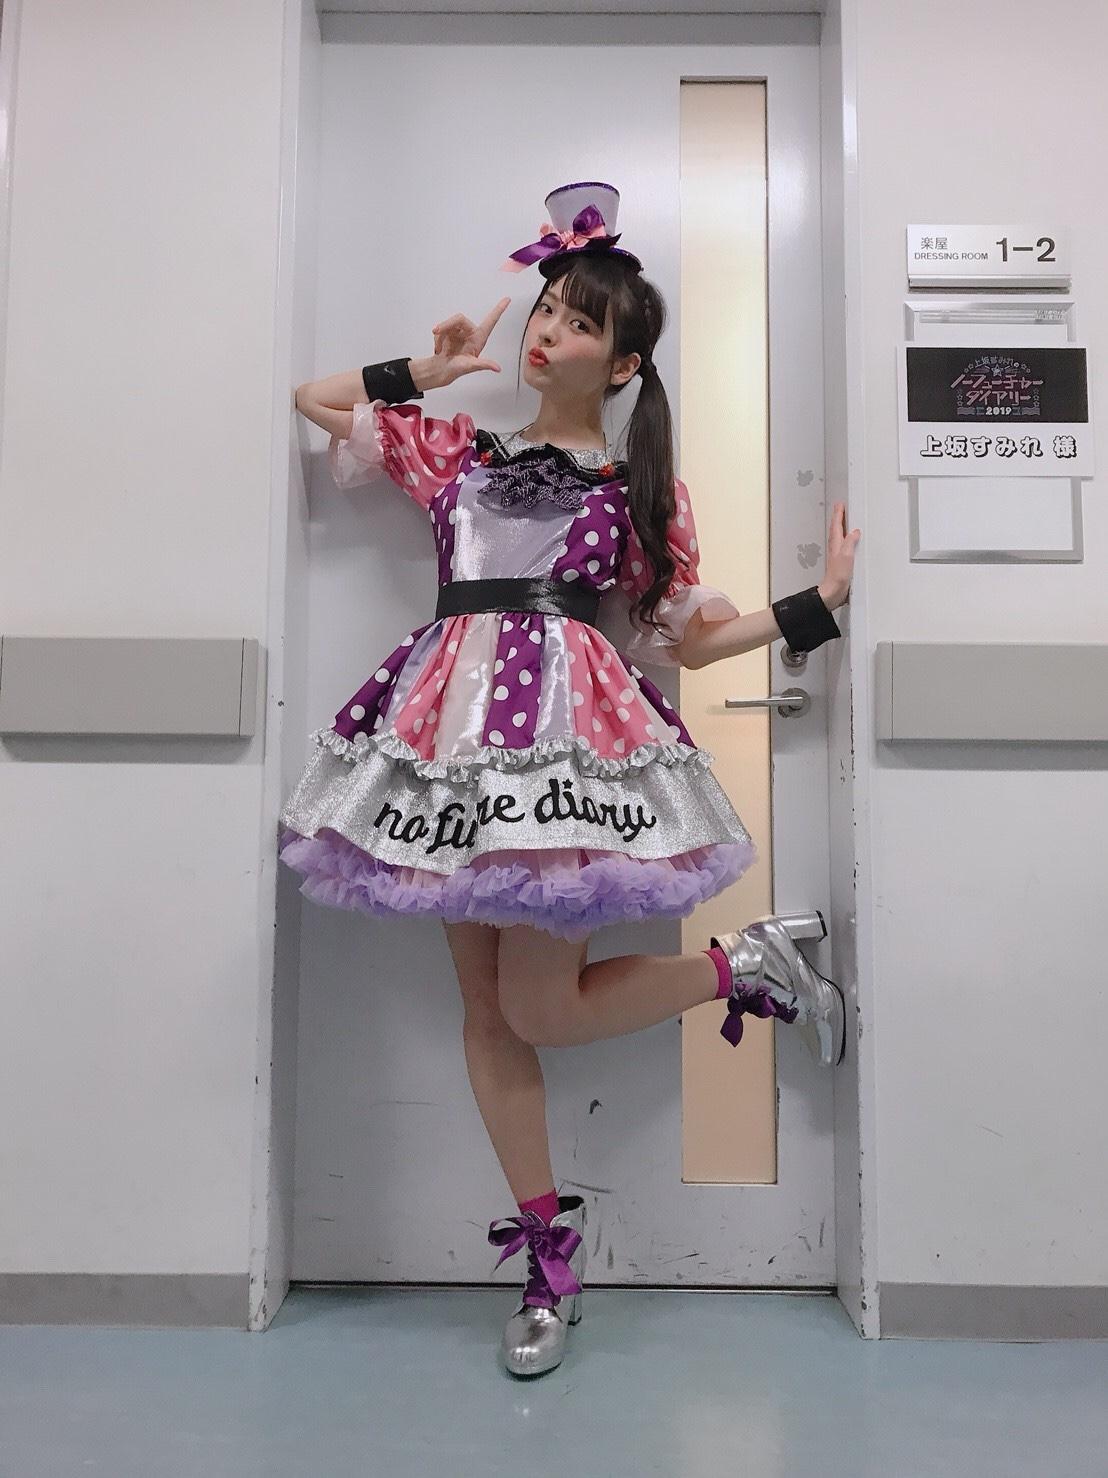 성우 우에사카 스미레의 라인 블로그에 올라온 사진,..